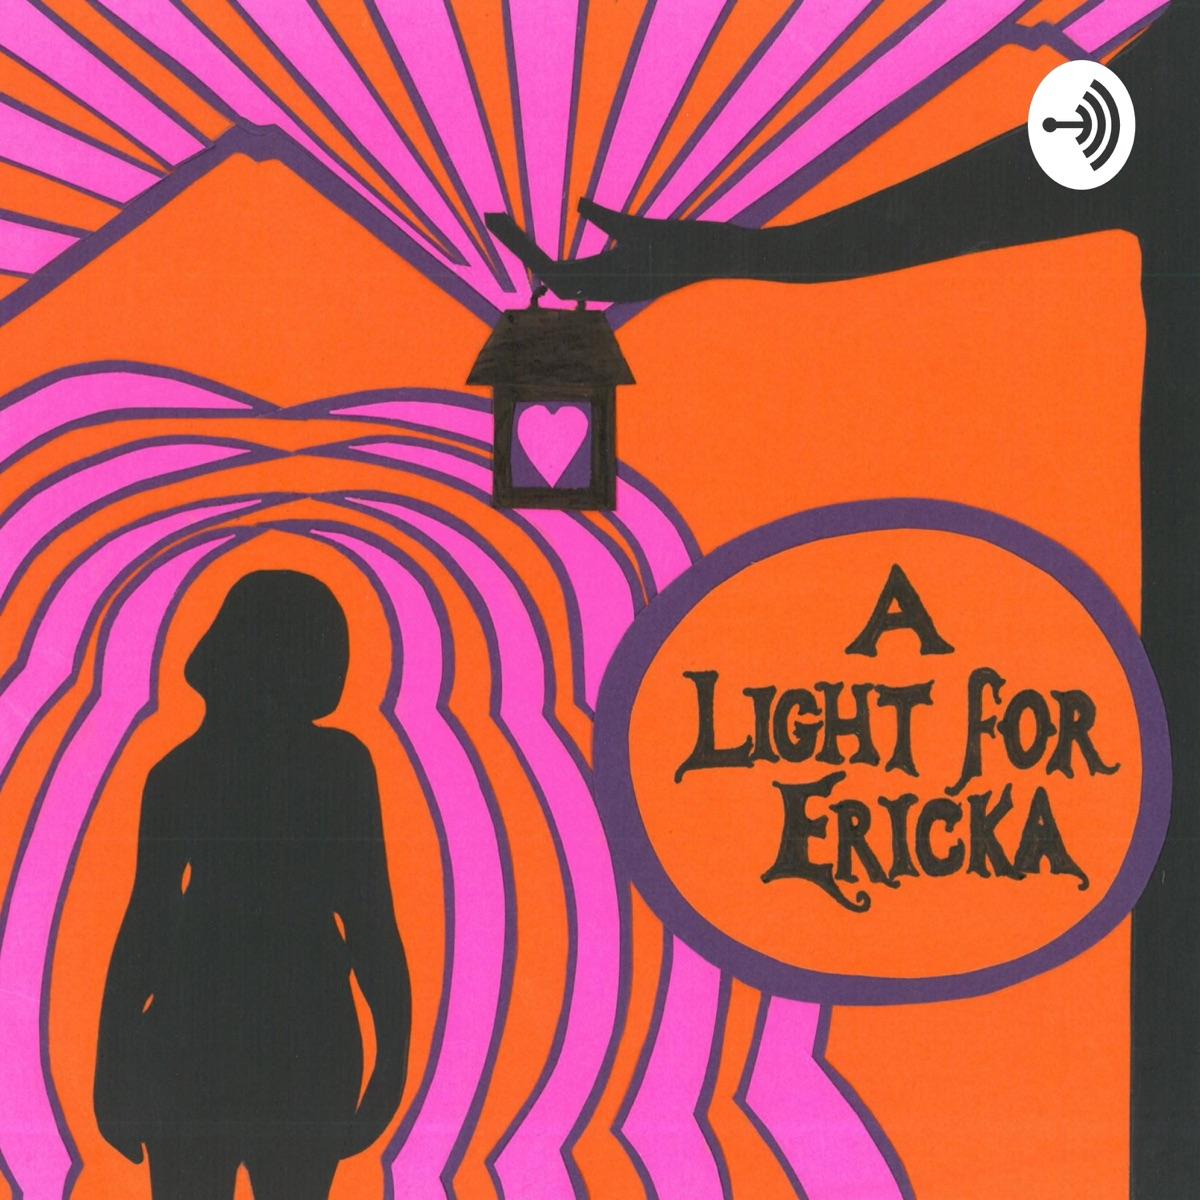 A Light For Ericka